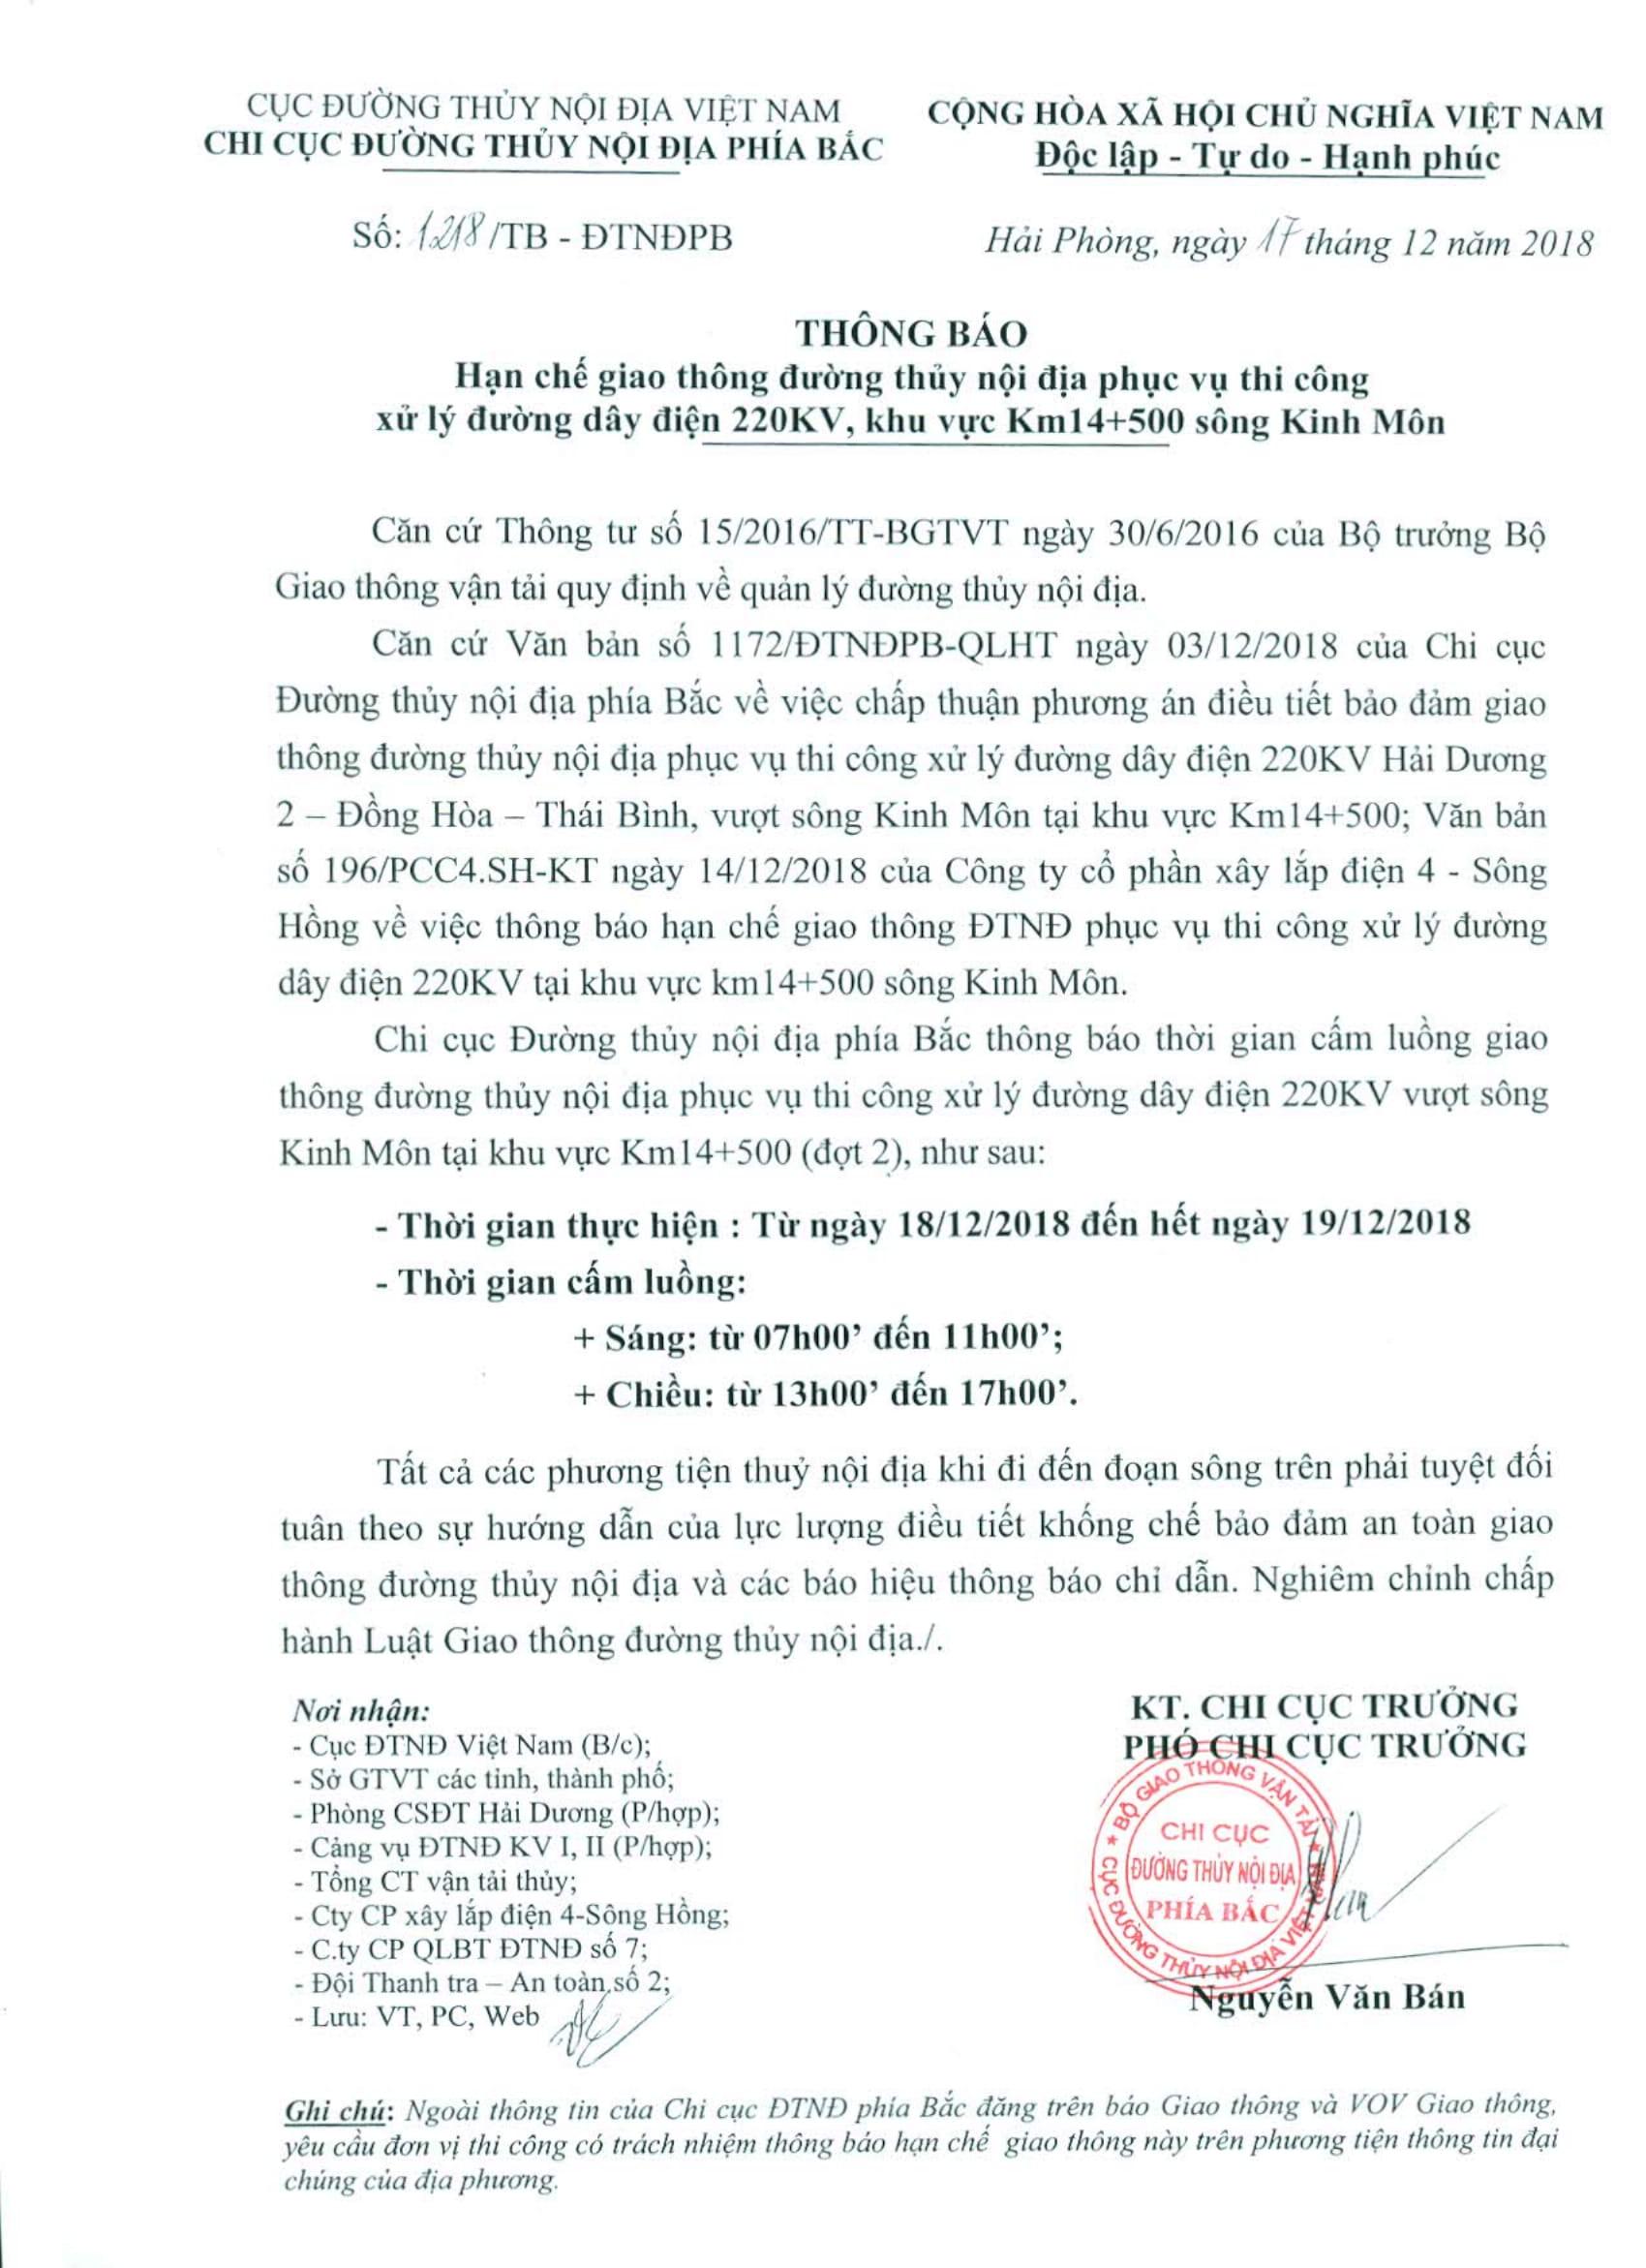 Thông báo HCGT ĐTNĐ thi công xử lý đường dây điện 220KV qua km 14+500 sông Kinh Môn